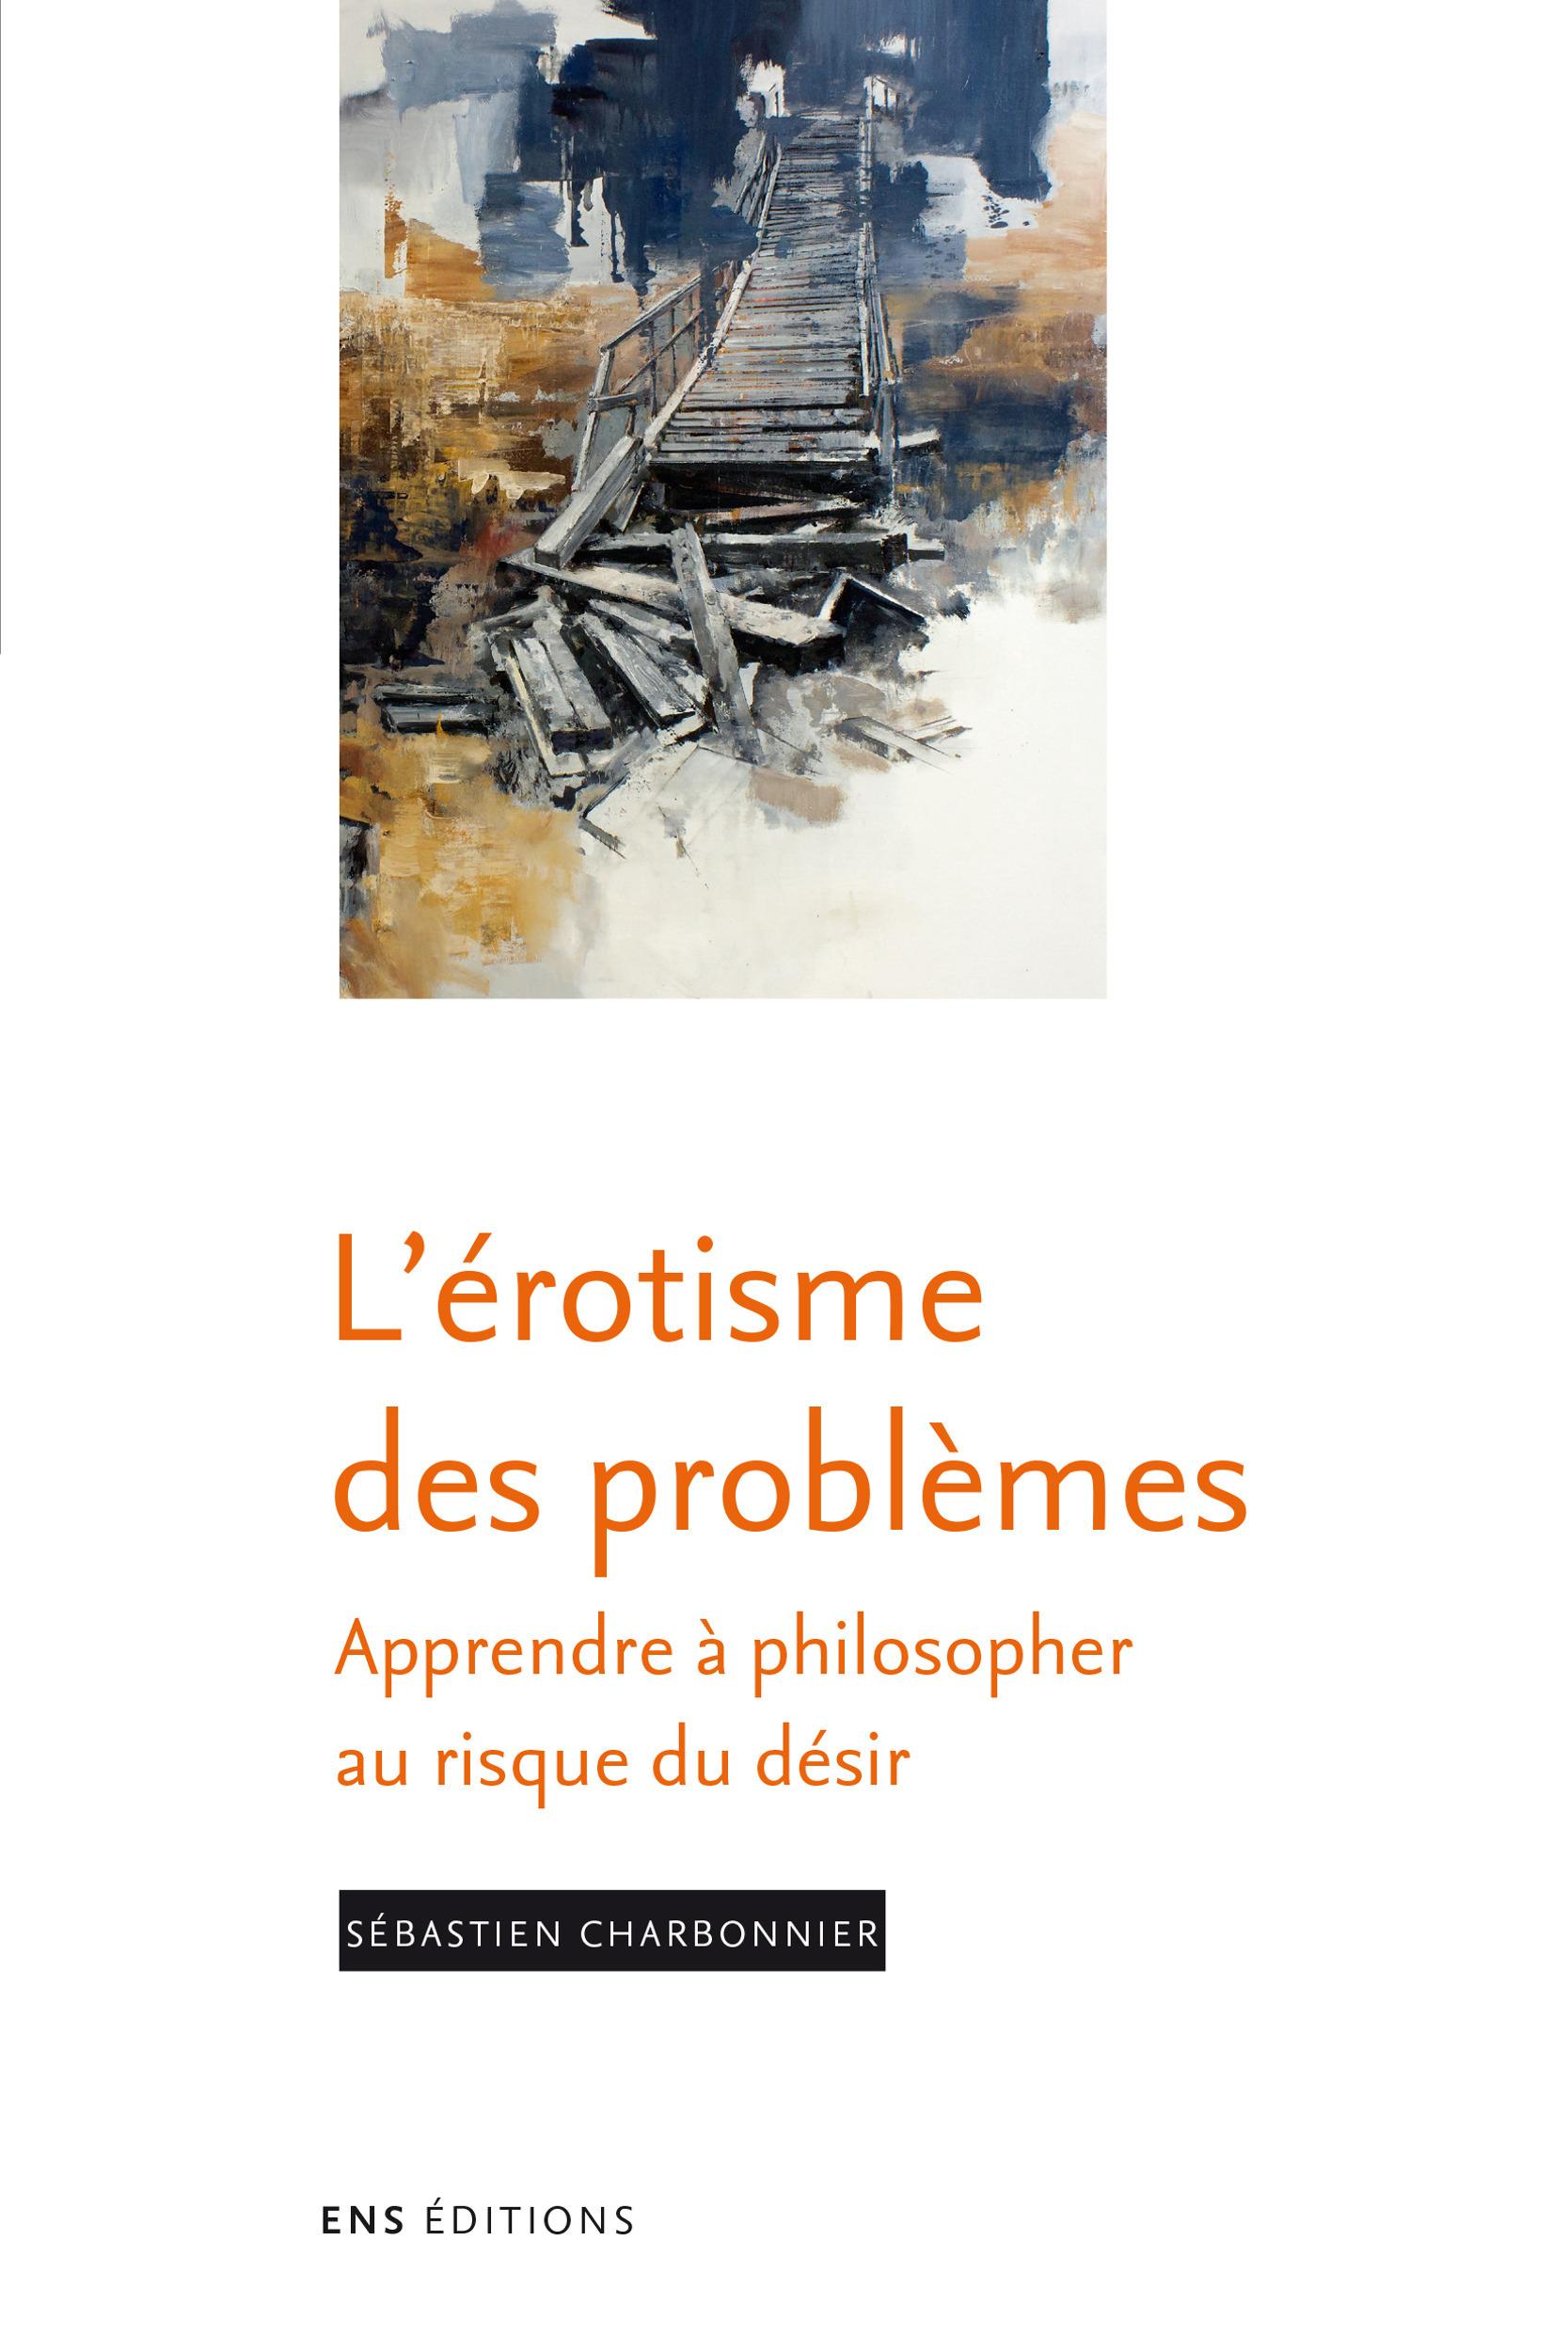 L'érotisme des problèmes ; apprendre à philosopher au risque du désir